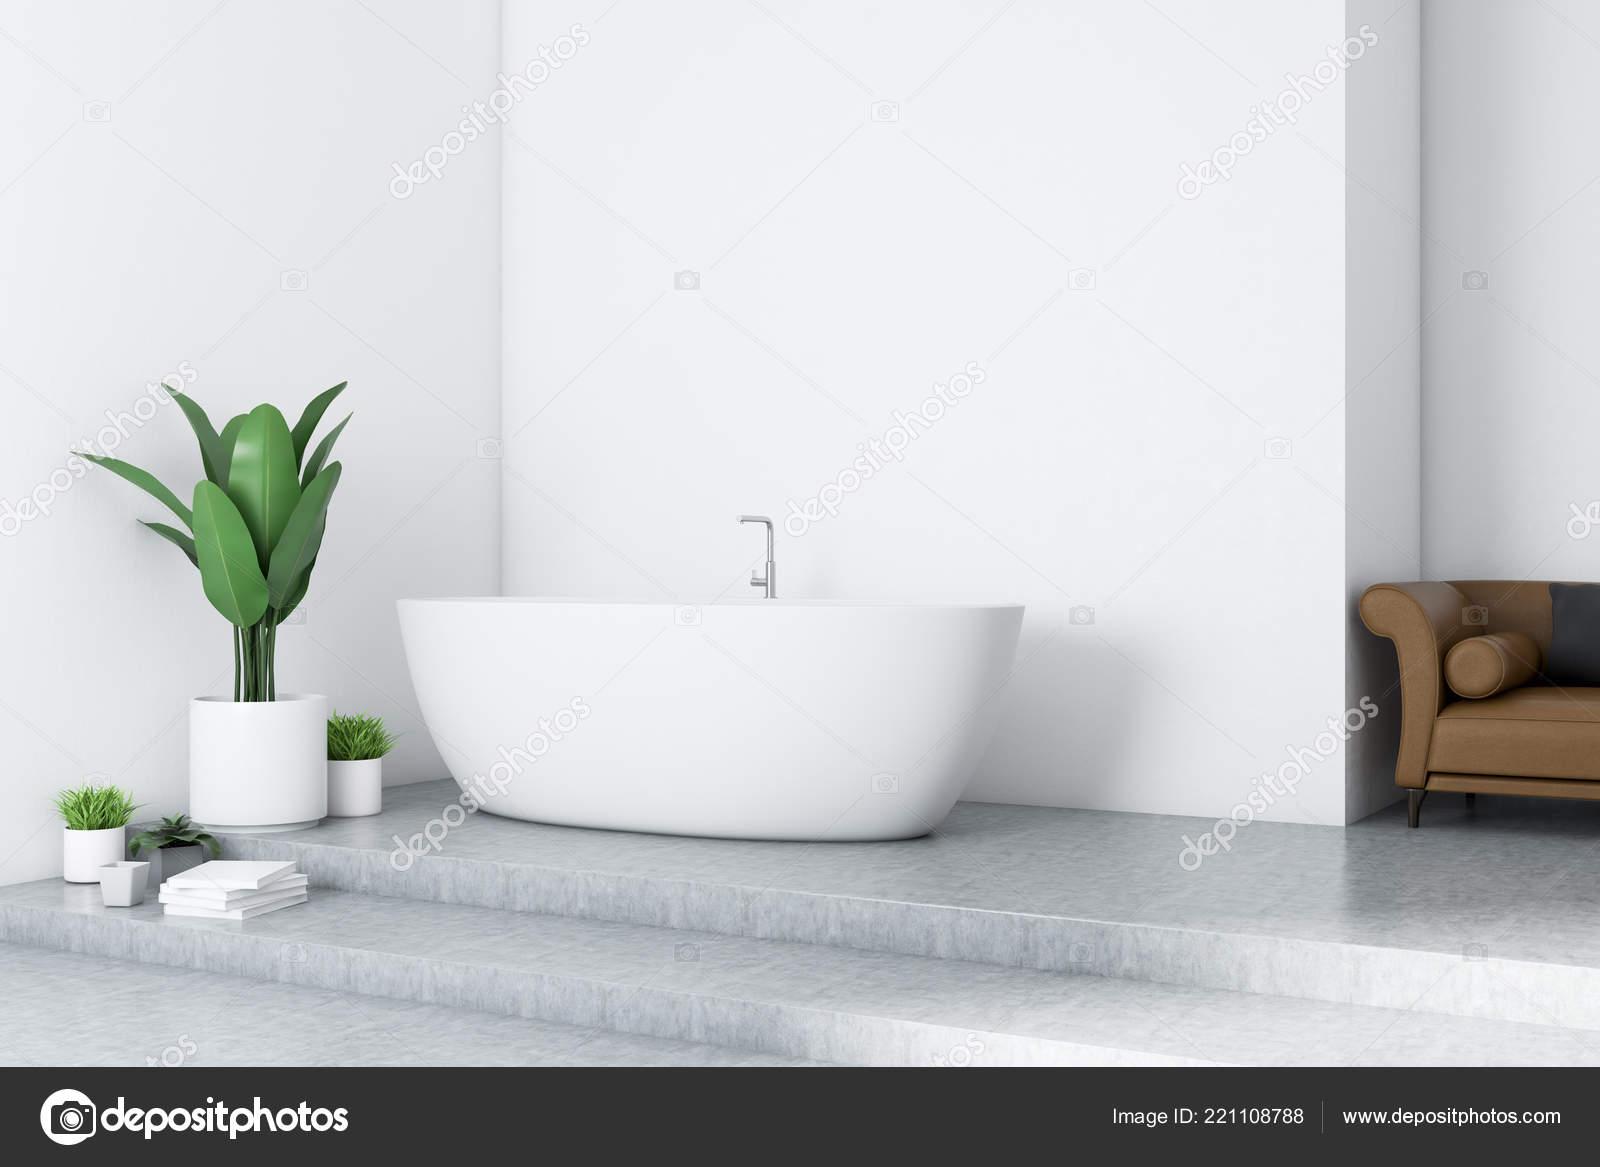 Vasca Da Bagno Divano.Interno Del Bagno Moderno Con Pareti Bianche Pavimento Cemento Vasca